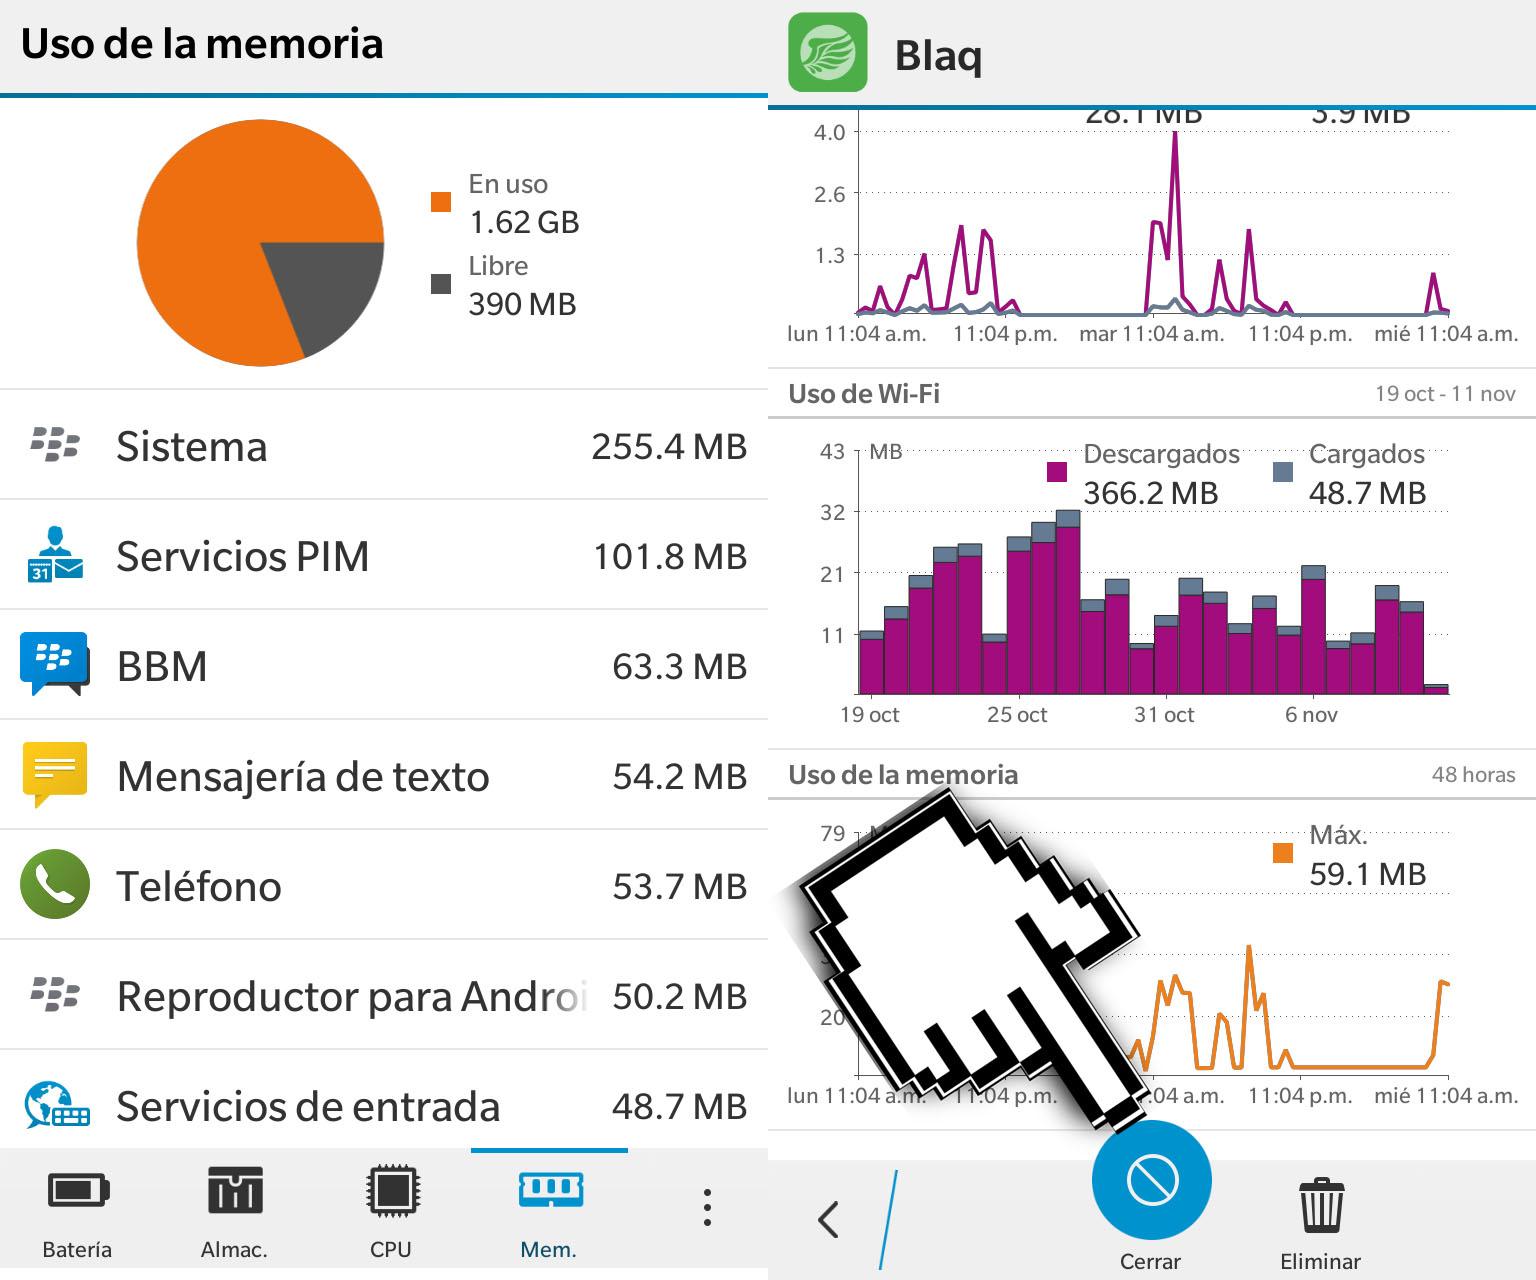 uso_de_memoria